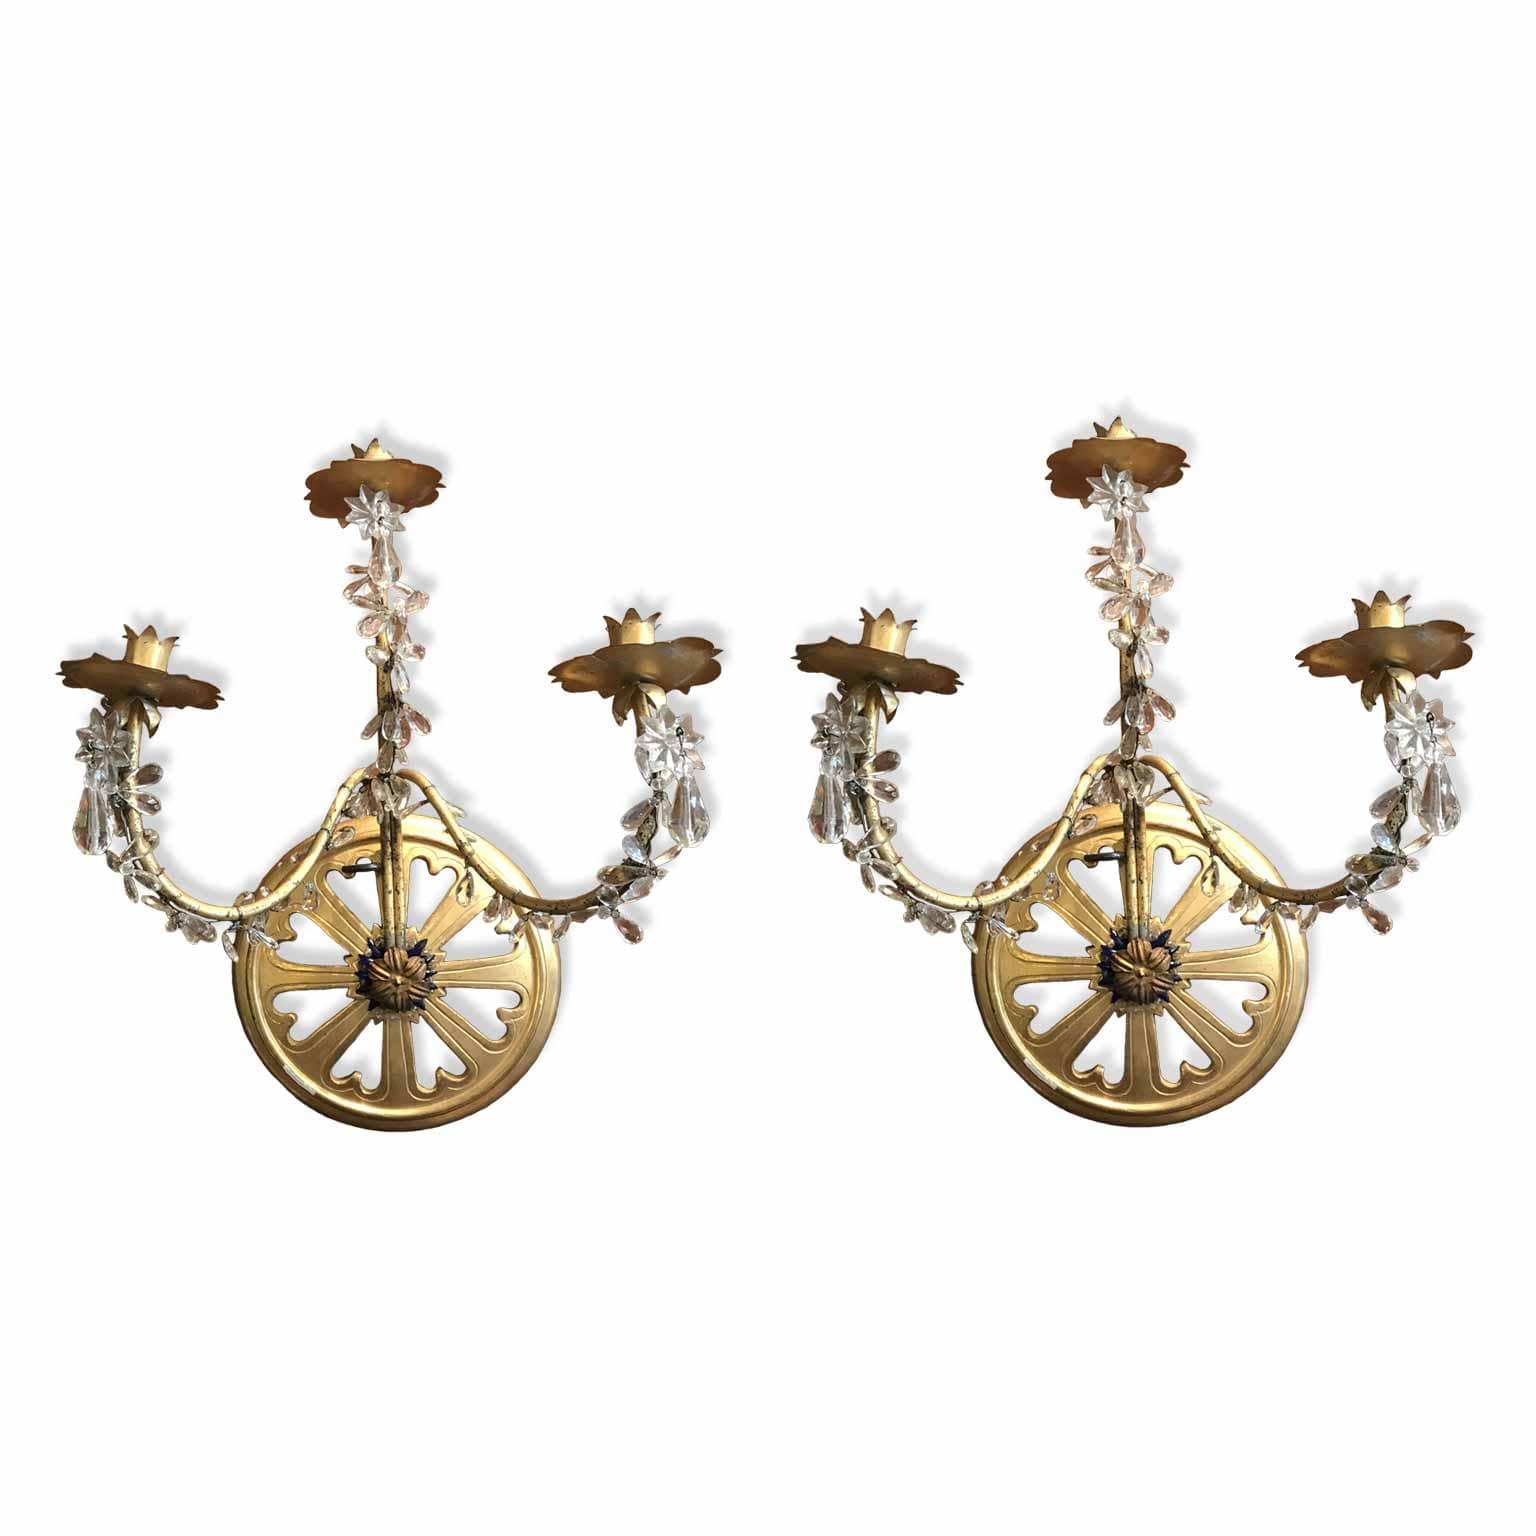 Coppia di applique antiche dorate a 3 fiamme da for Arredamento classico lusso